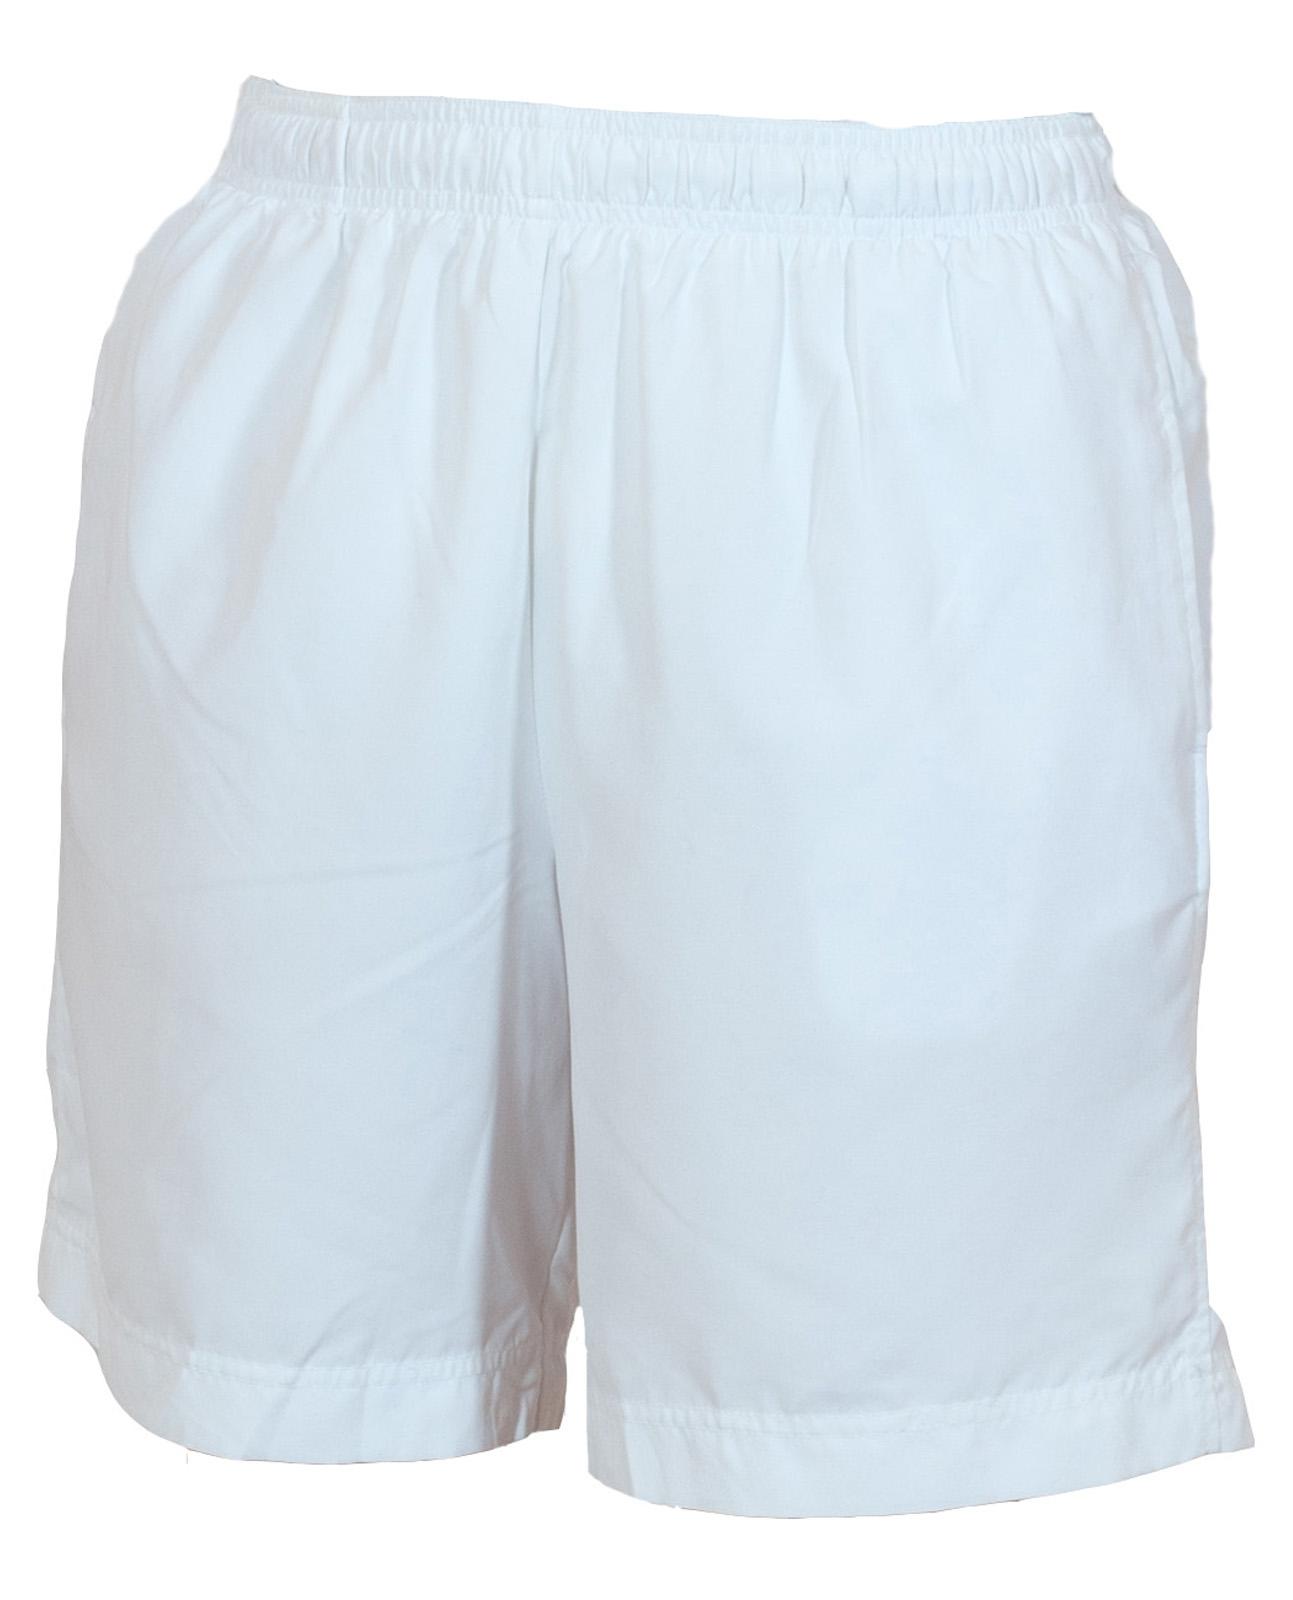 Купить белые женские шорты спортивного стиля